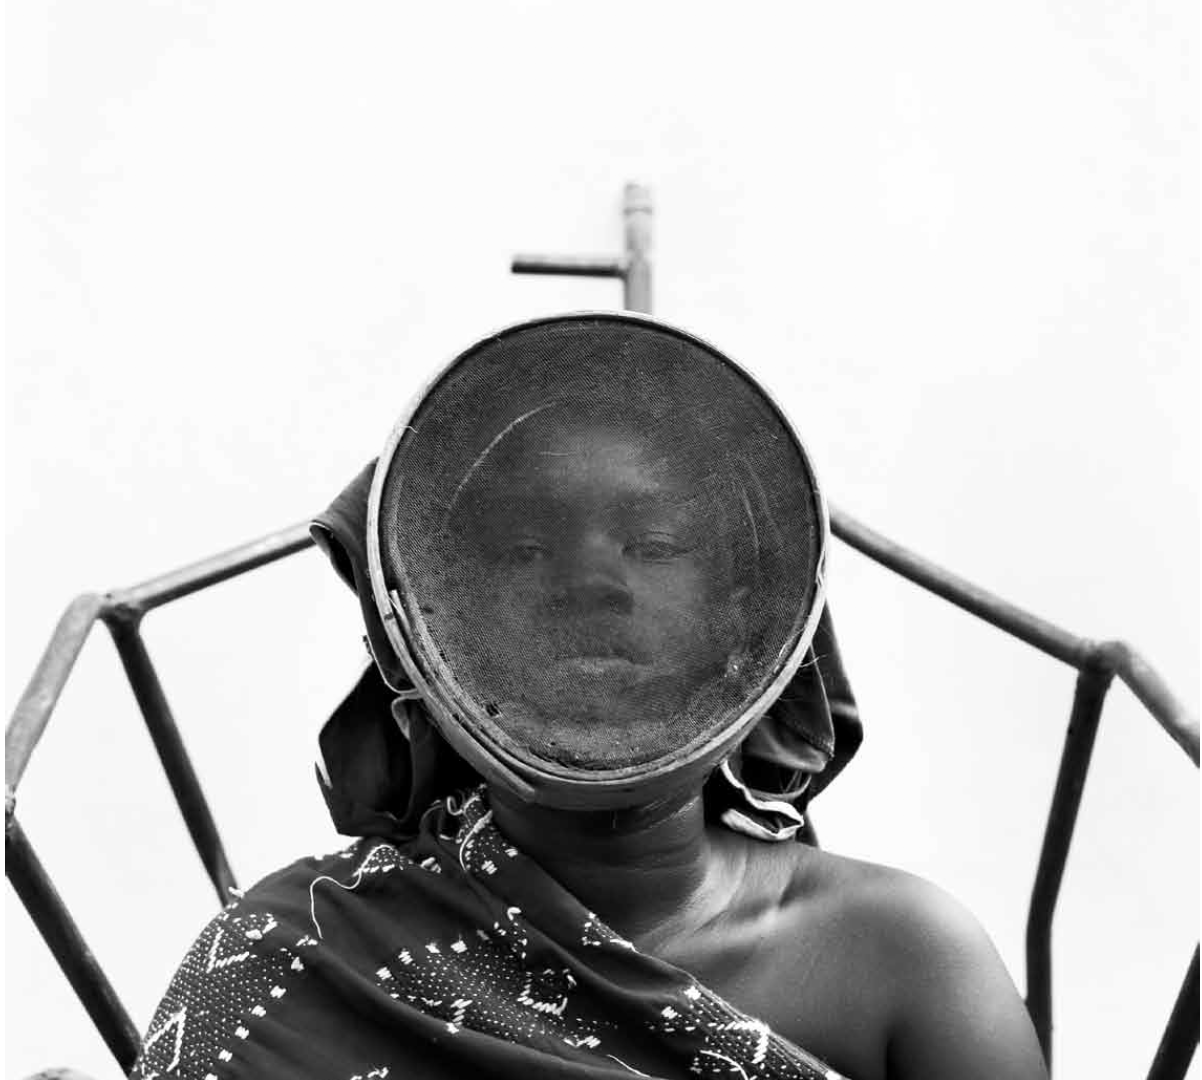 Fatoumata Diabaté, 2013, Tèmè, série L'homme en objet, Bamako, Mali. Impression pigmentaire sur papier Museum natural silk 300g